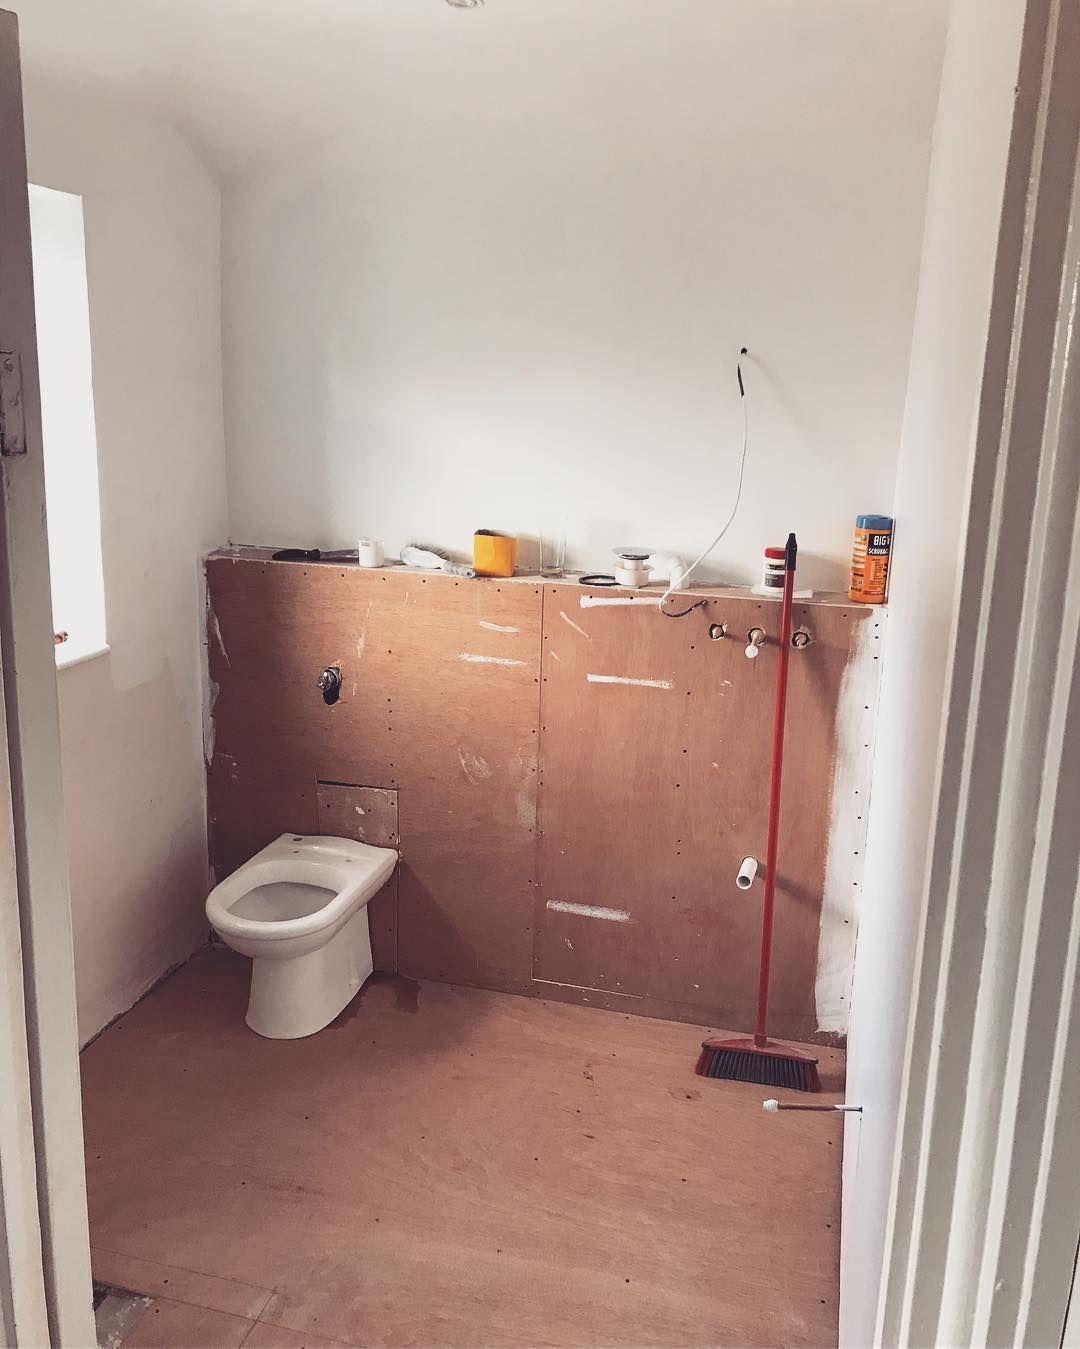 Nicht Mehr Auf Dielen Gehen Ein Produktives Wochenende Damit Verbracht Das Badezimmer Zu Streichen Home Goods Home Decor Decor